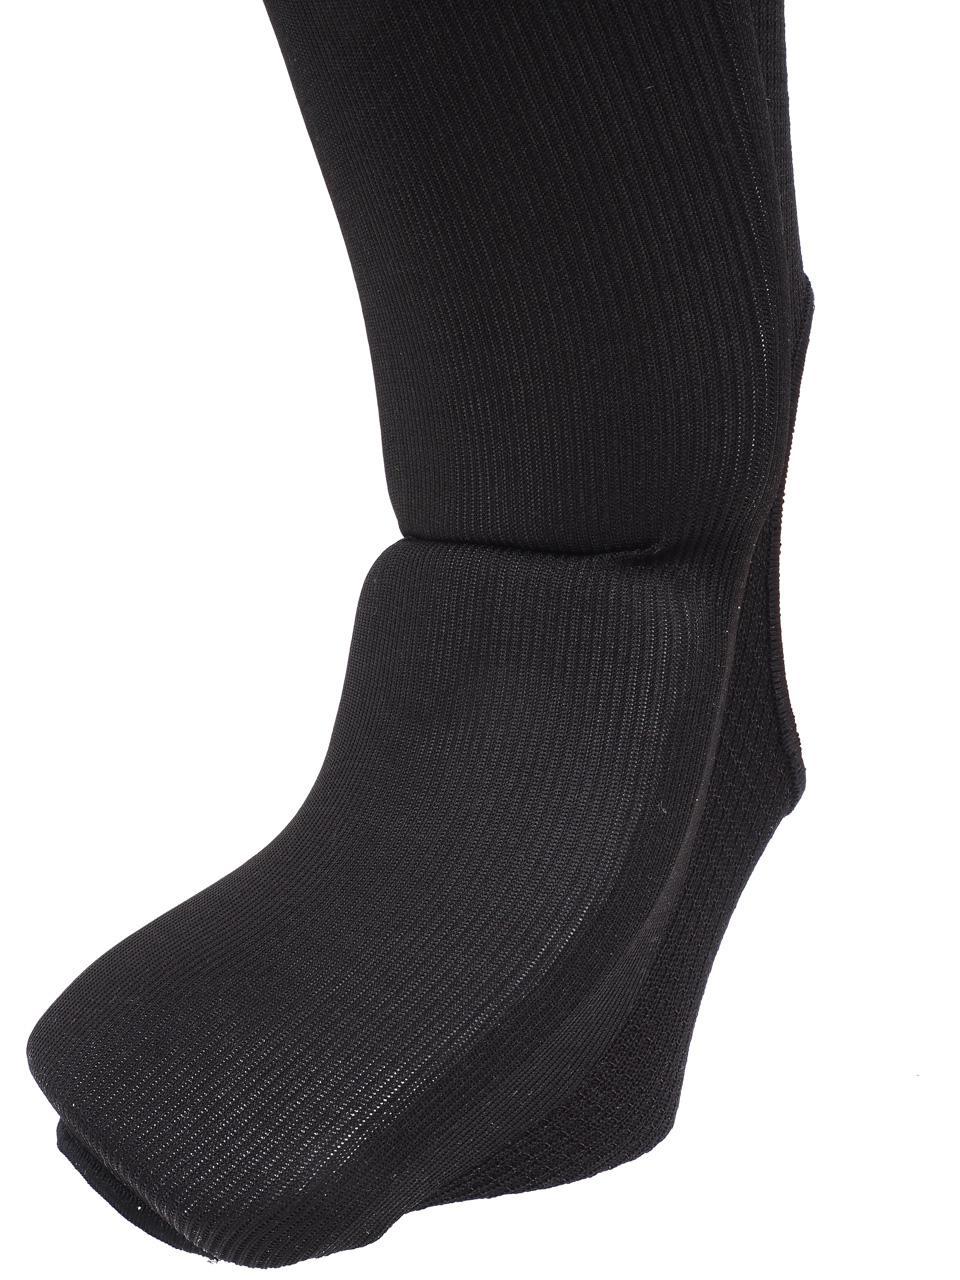 Protege-tibias-sports-de-combat-Doubled-adidas-Protege-tibia-pied-noir-Noir-2299 miniature 4